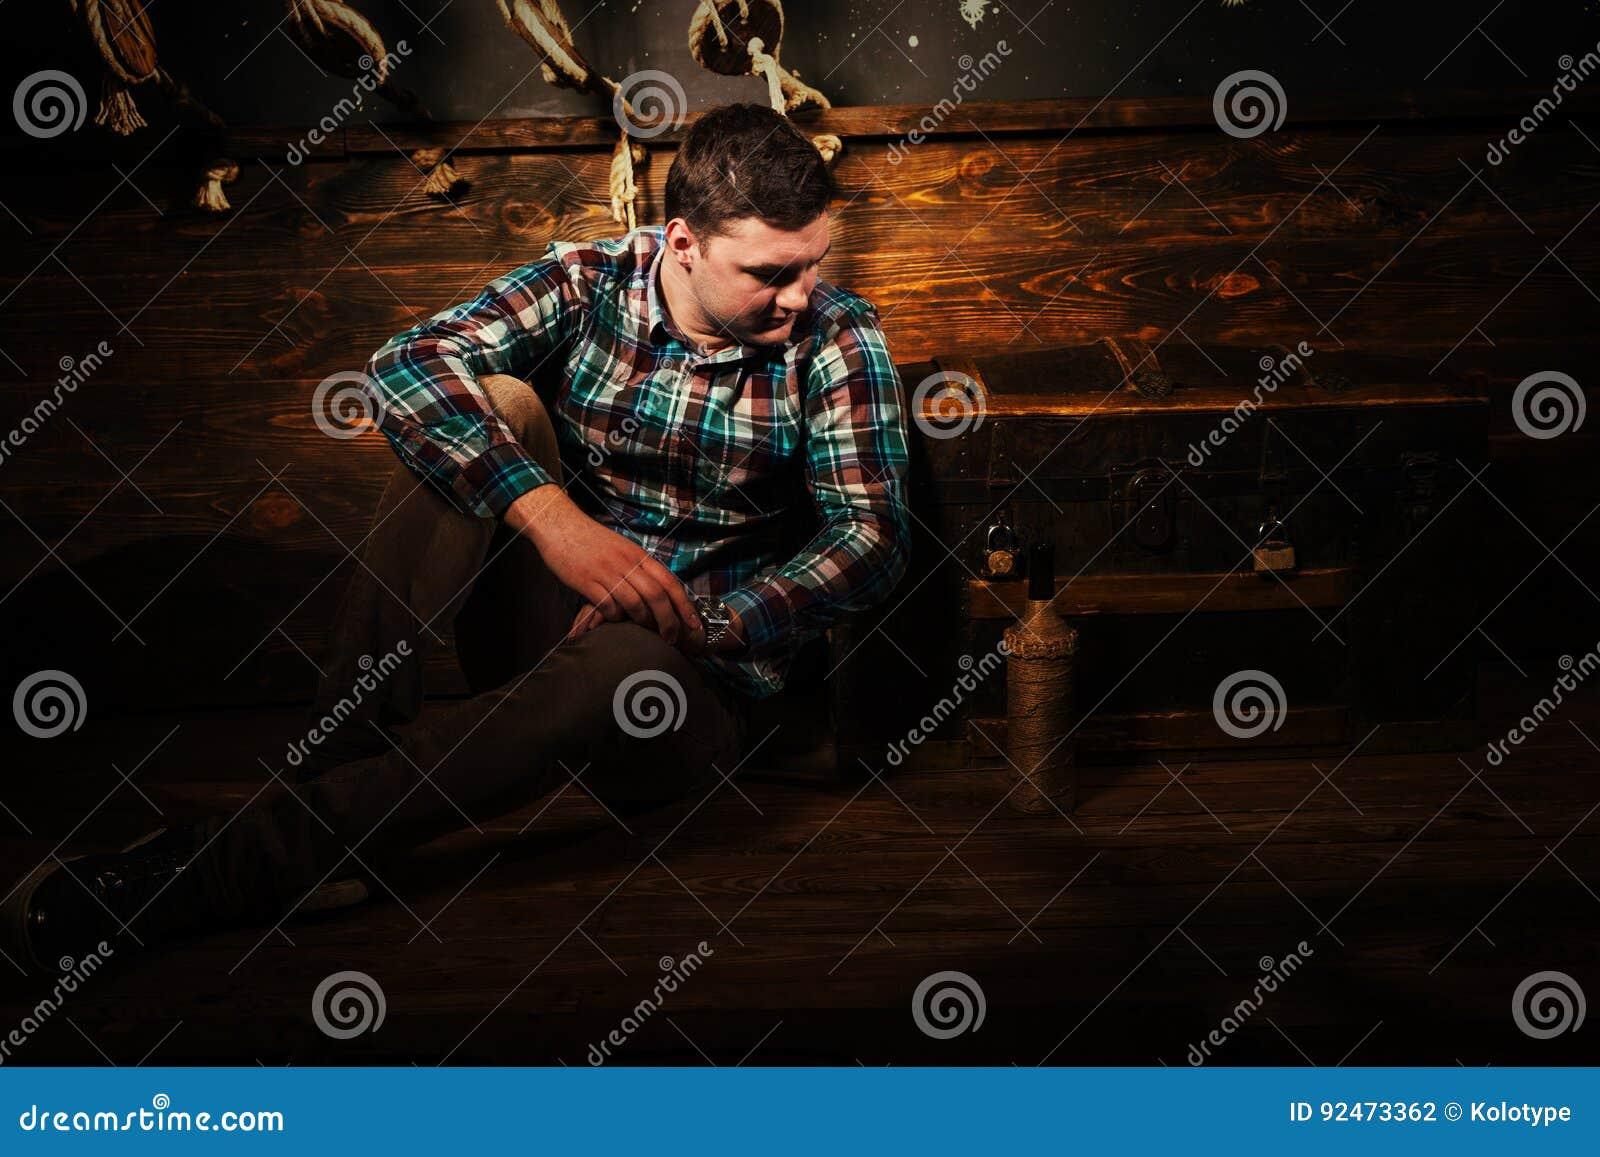 Enttäuschter Mann sitzt nahe einem Kasten und hält Glasflasche und Versuch